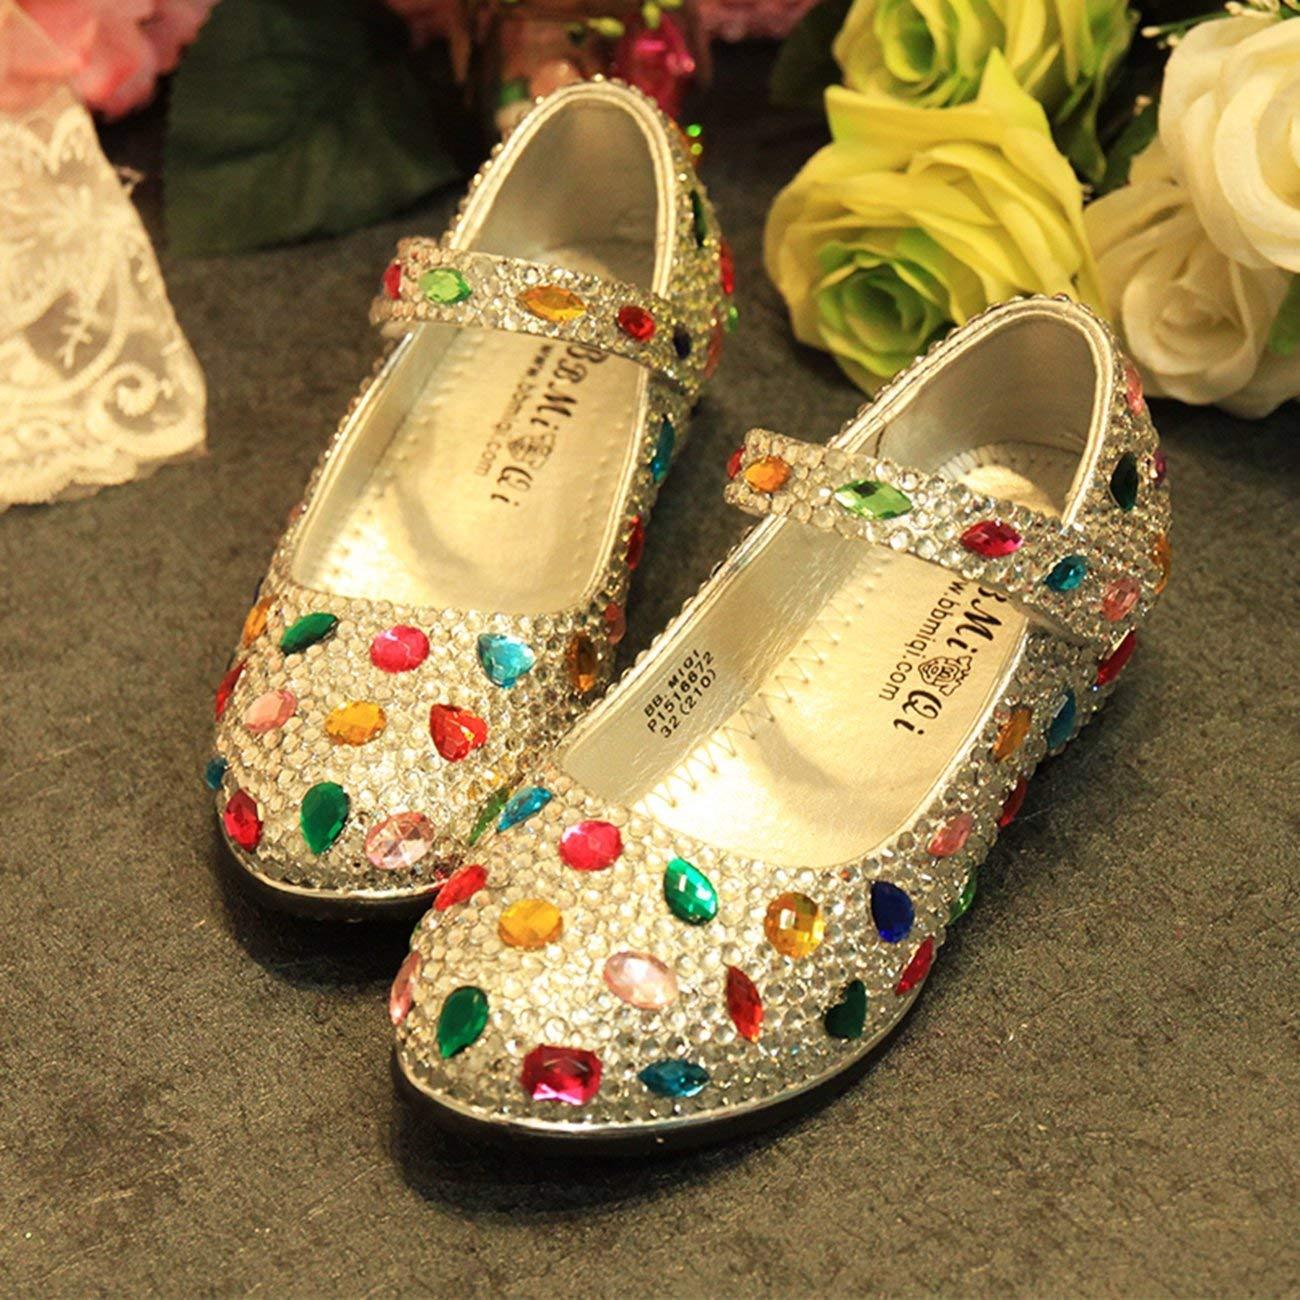 ZHRUI Damen Mary Jane Style Strass Low Heel Pumps Hochzeit Pumps Heel Schuhe UK 7 (Farbe   -, Größe   -) 5ca8ba